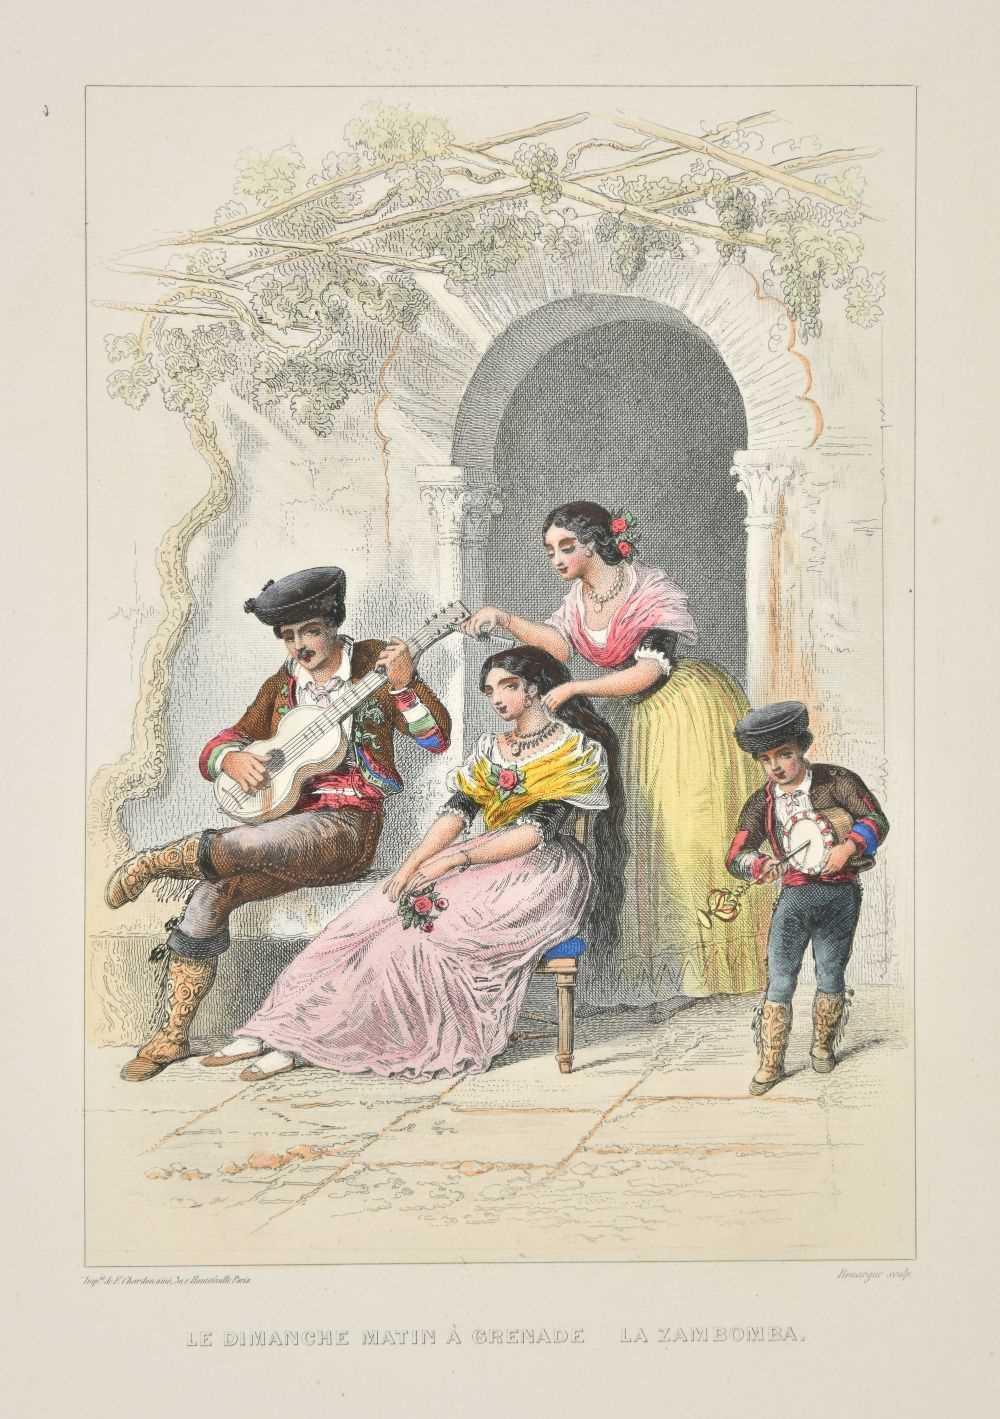 Lot 38-Spain. Album pittoresque, Paris: A. Laplace, [circa 1850]